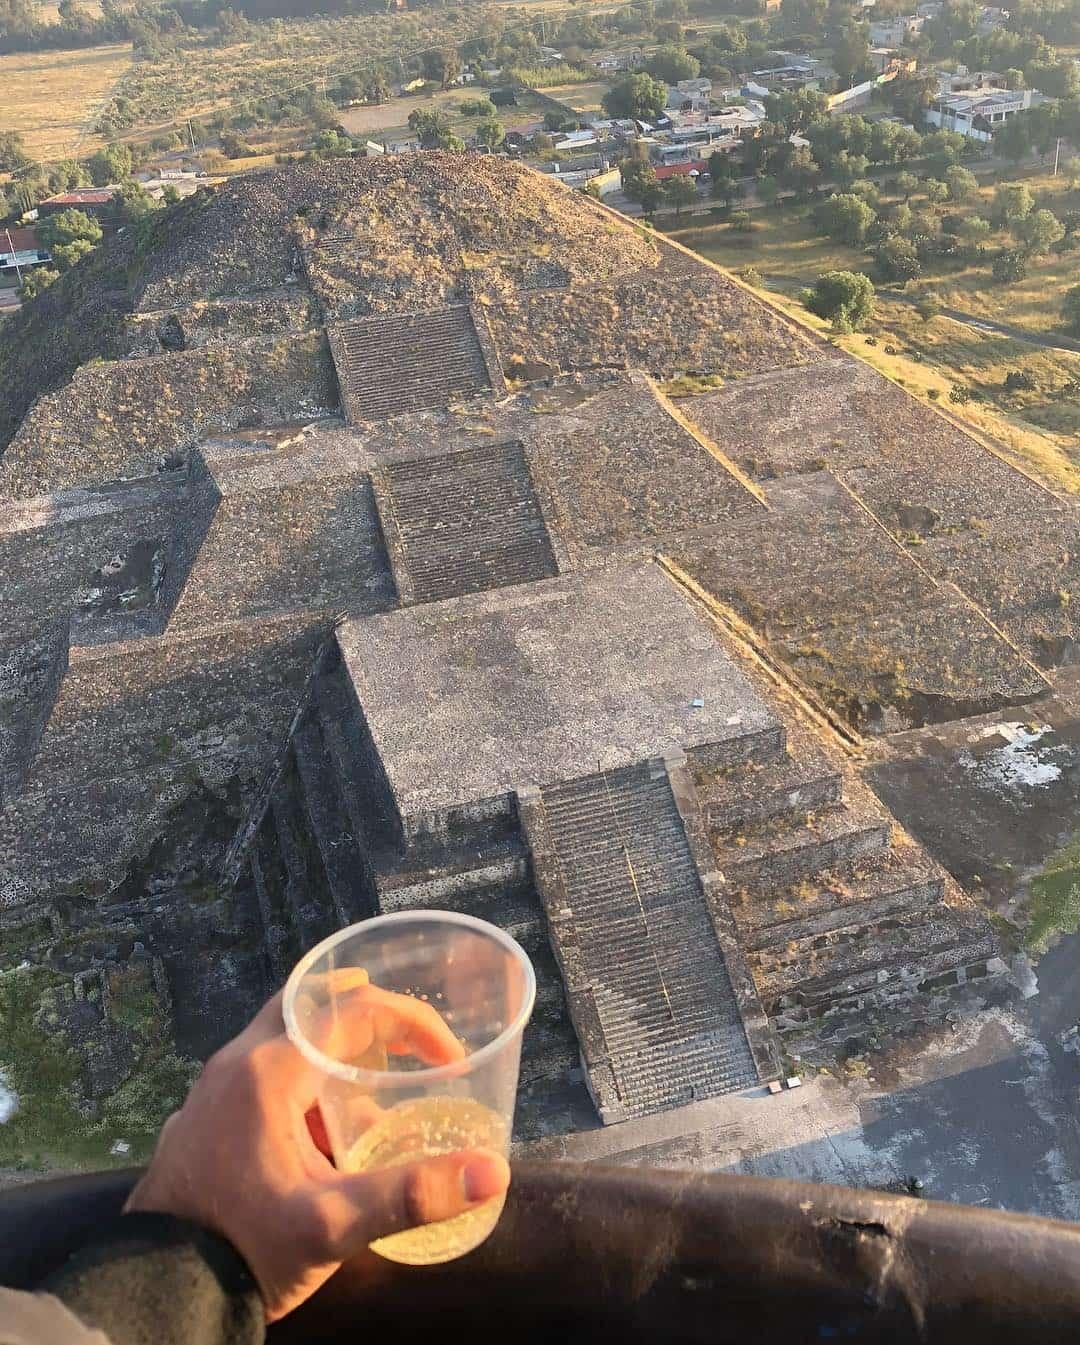 vuelo cumpleaños en teotihuacan precios